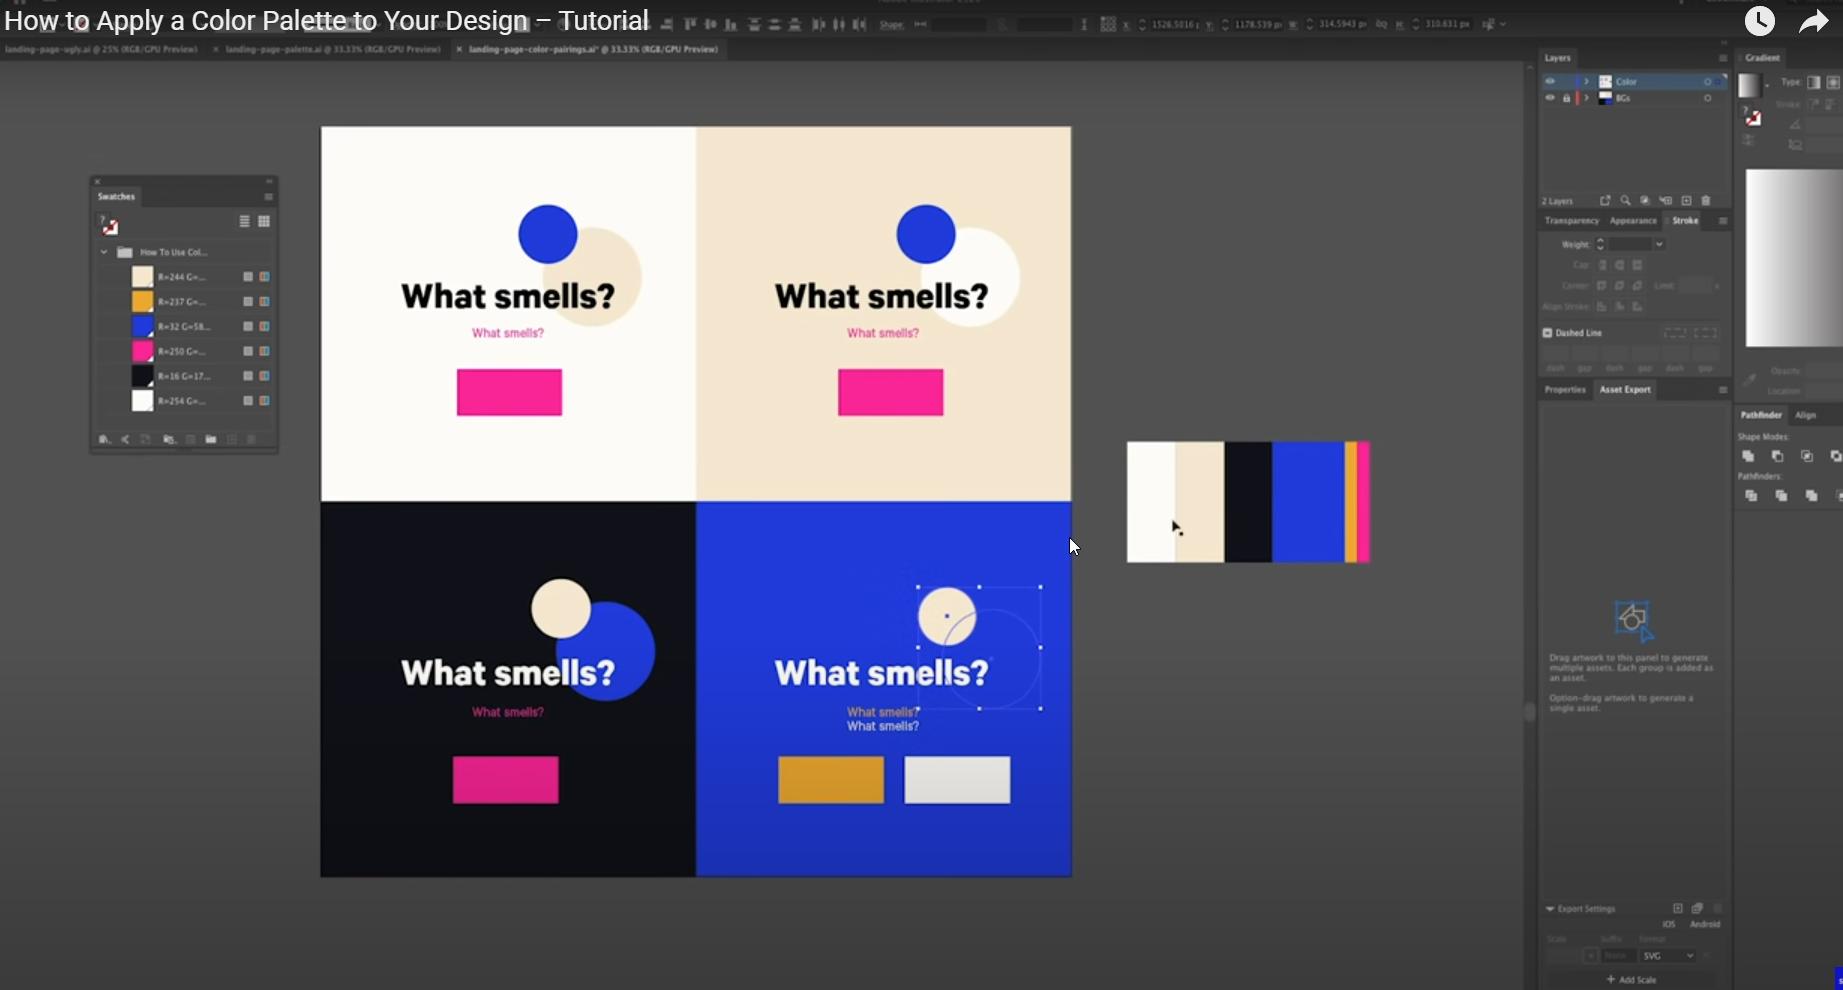 Como Aplicar una Paleta de Colores a tu Diseño